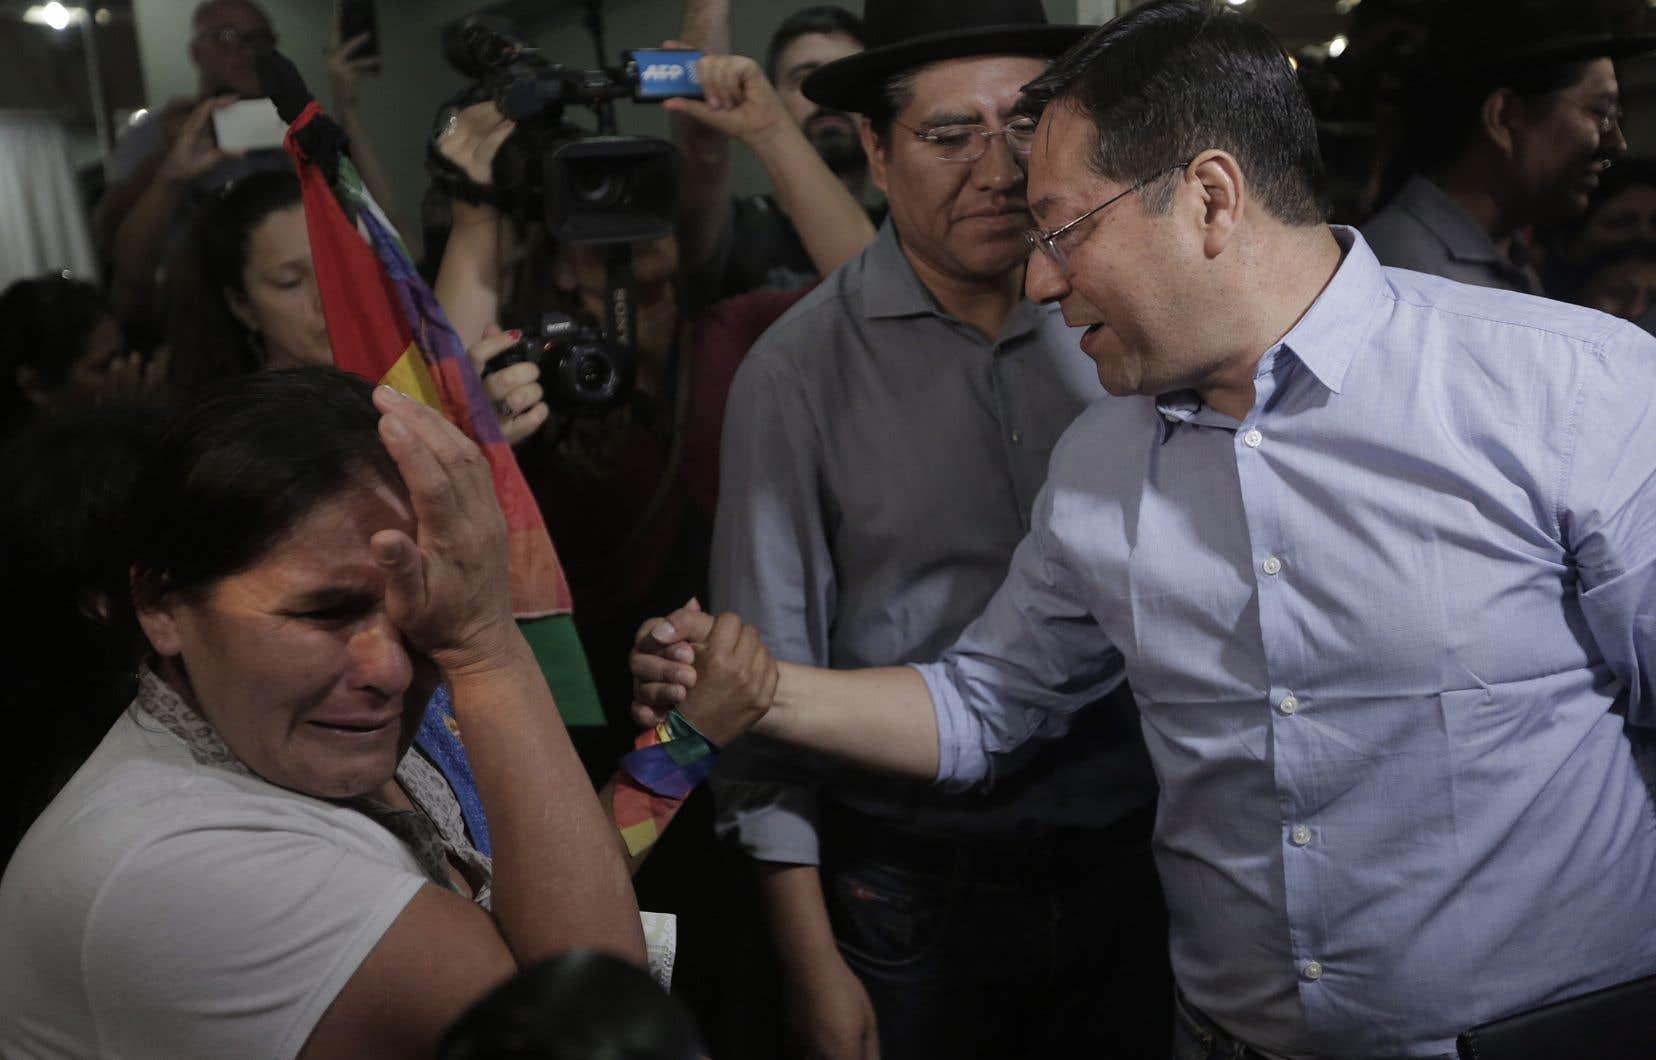 Le candidat présidentiel du parti Mouvement vers le socialisme, Luis Arce, a salué des partisans à la sortie d'une conférence de presse donnée lundi à Buenos Aires, en Argentine.